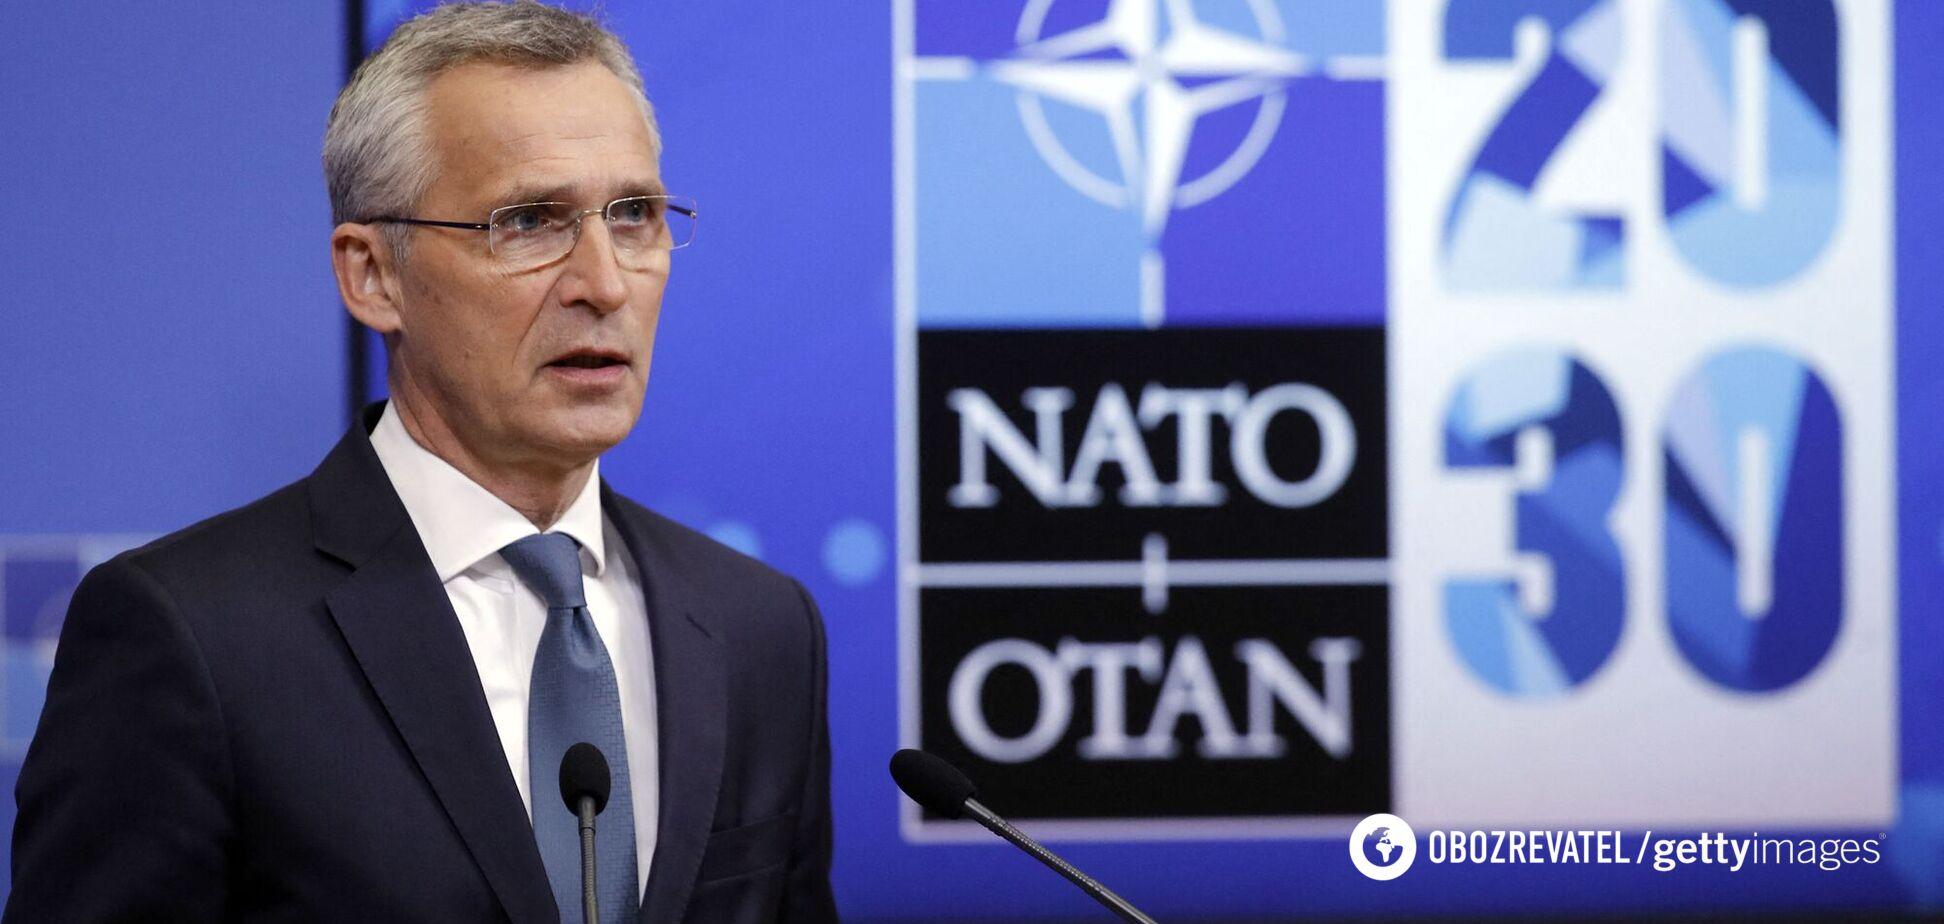 НАТО може прирівняти атаку на супутники країн-членів до нападу на Альянс